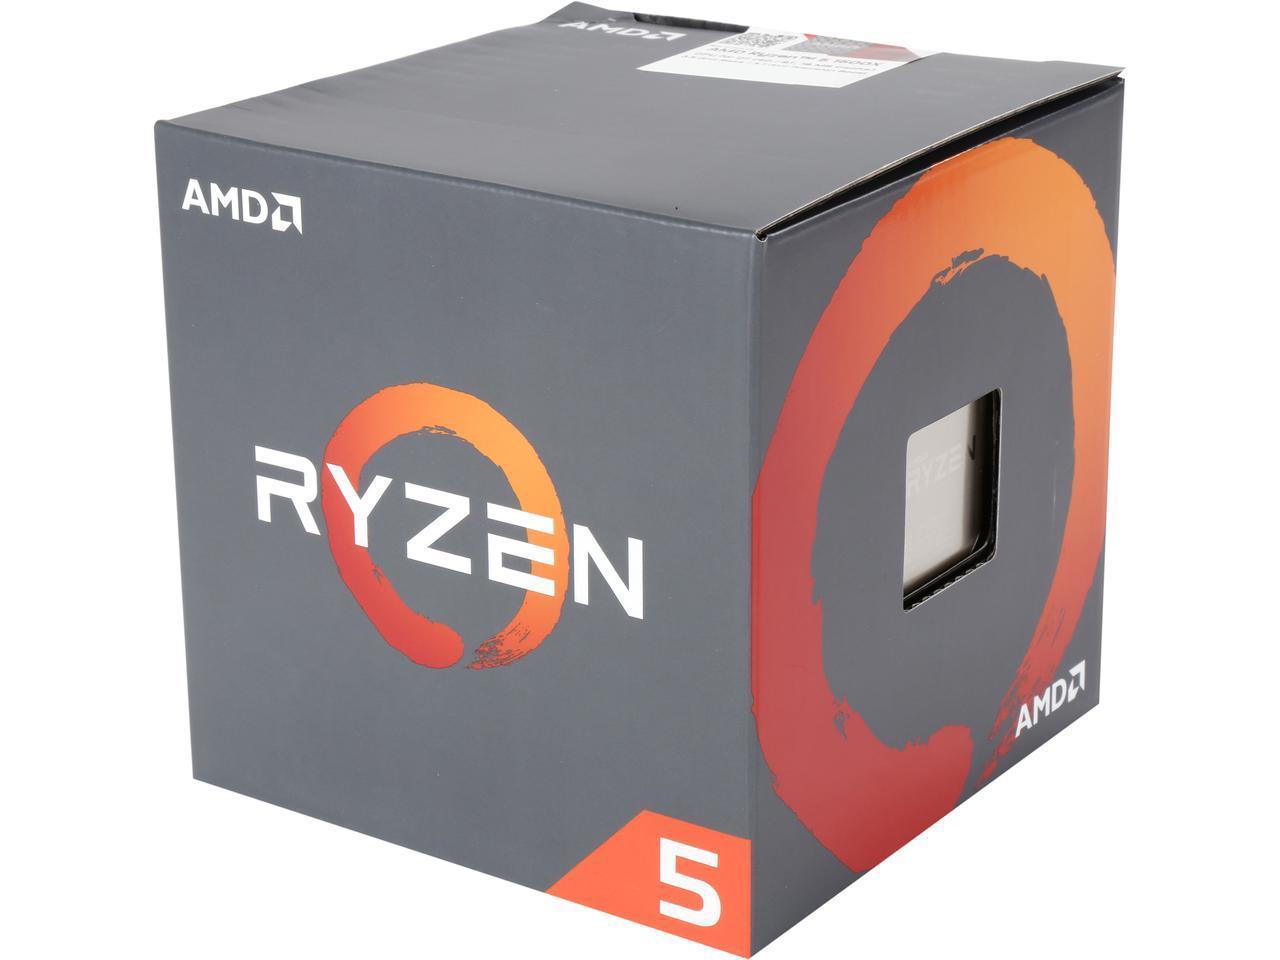 Процесор AMD RYZEN 5 1500X 4-Core 3.5 GHz (3.7 GHz Turbo), 18MB/65W/AM4/FAN